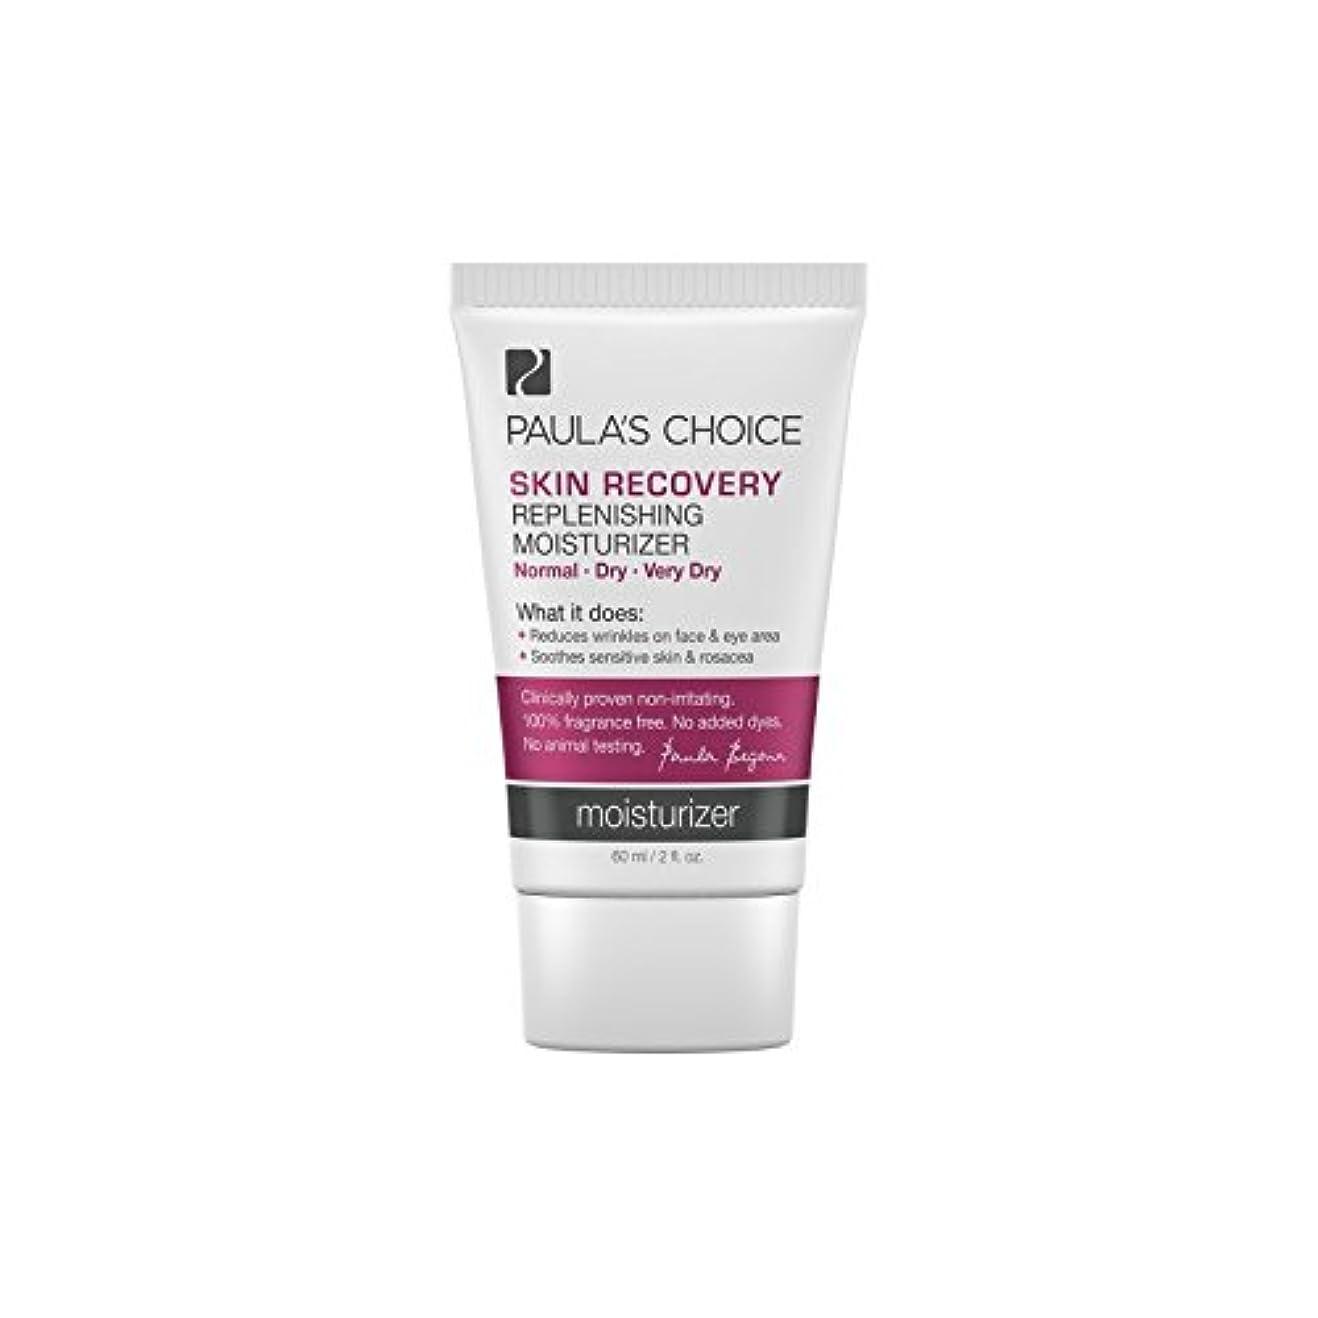 エアコン示すエンディングポーラチョイスの肌の回復補充保湿(60ミリリットル) x4 - Paula's Choice Skin Recovery Replenishing Moisturizer (60ml) (Pack of 4) [並行輸入品]